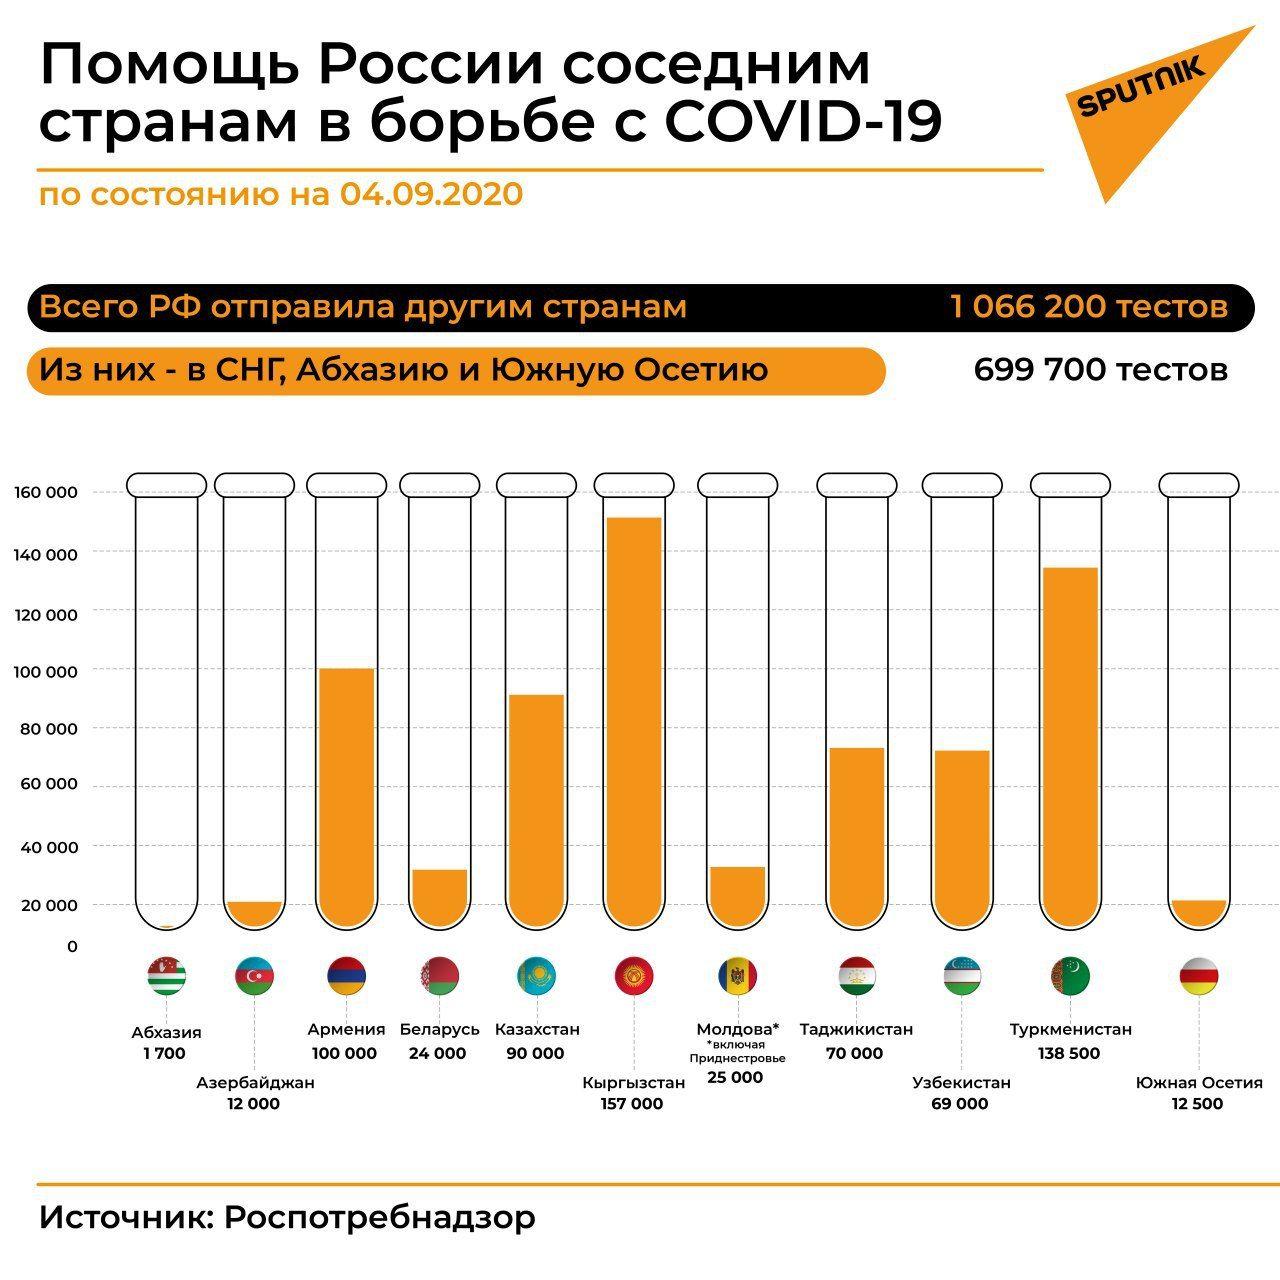 Помощь России соседним странам в борьбе с COVID-19